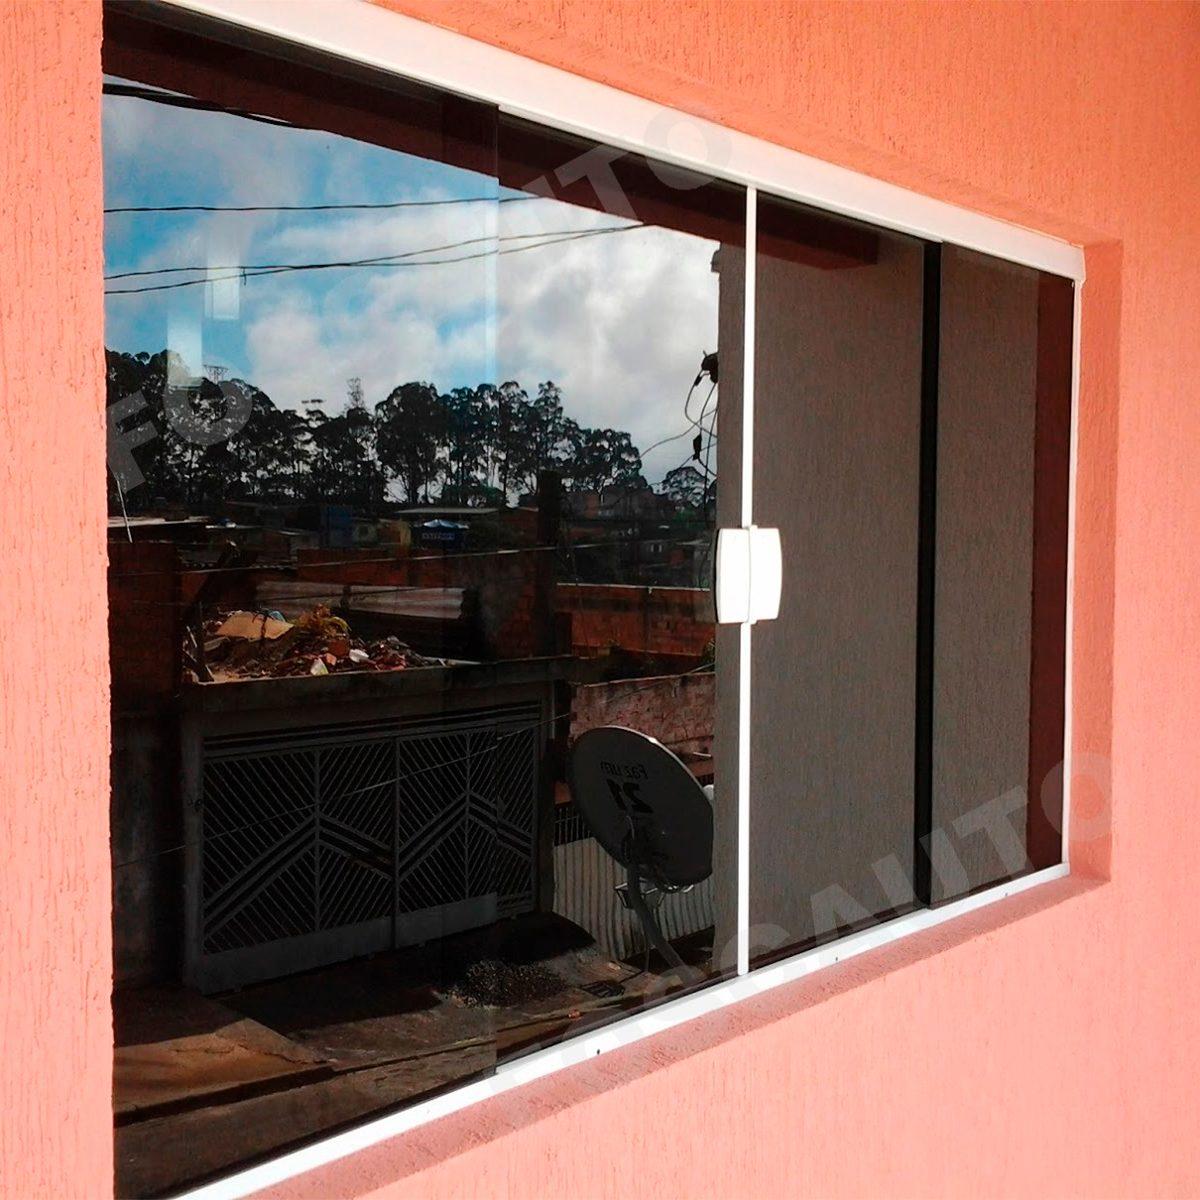 #C72804  Preto Fume Porta Janela Vidro Blindex R$ 19 95 em Mercado Livre 216 Janelas De Vidro P Quarto